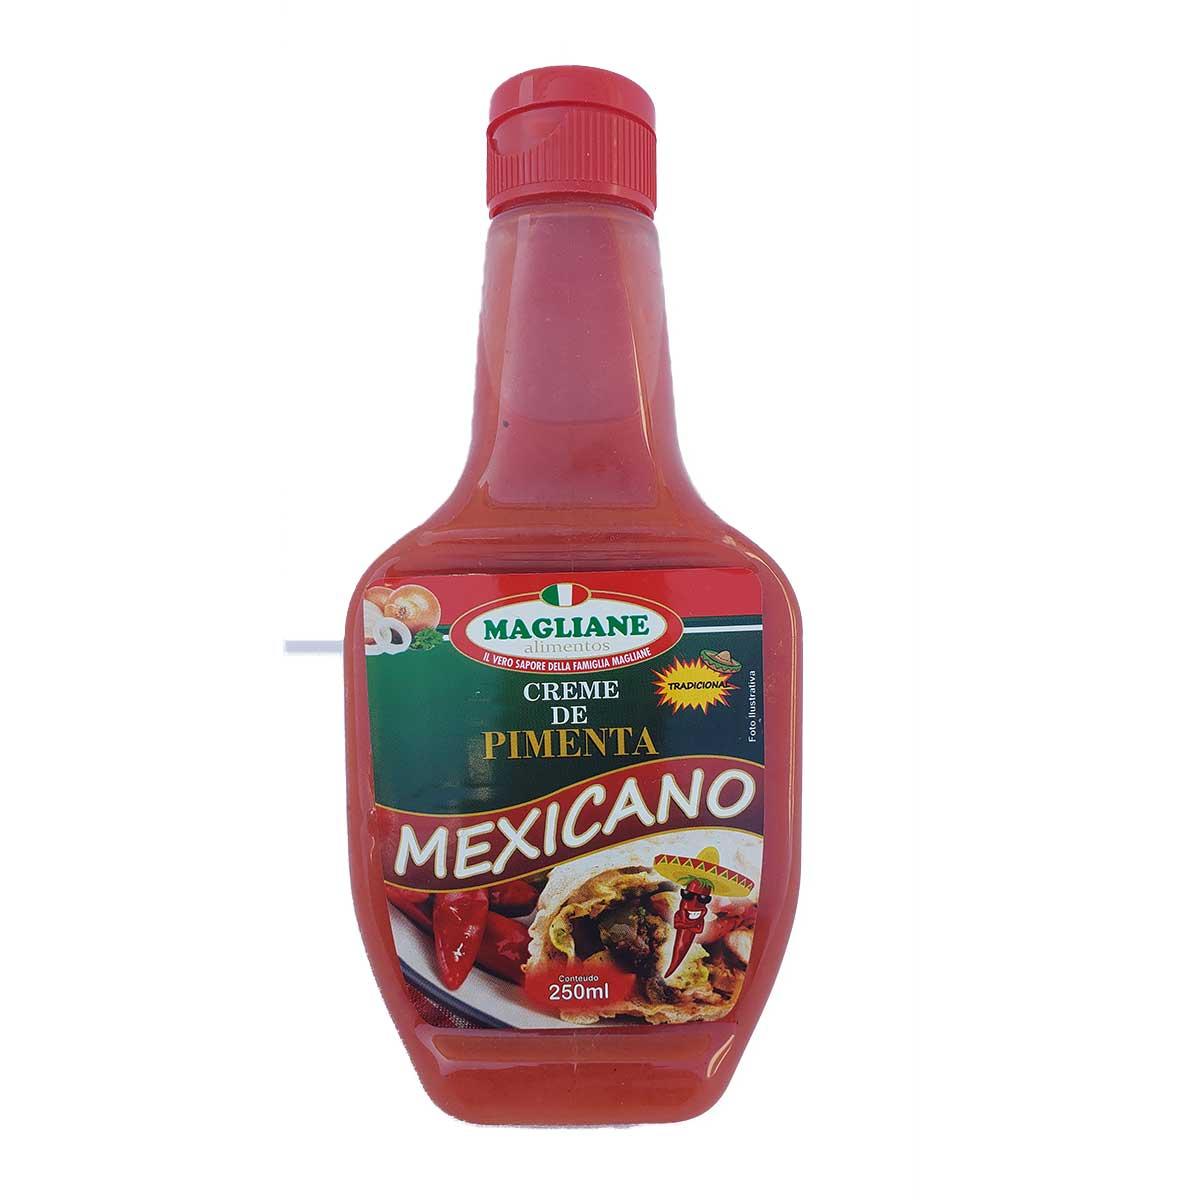 CREME PIMENTA MEXICANO TRADICIONAL MAGLIANE 250G UN